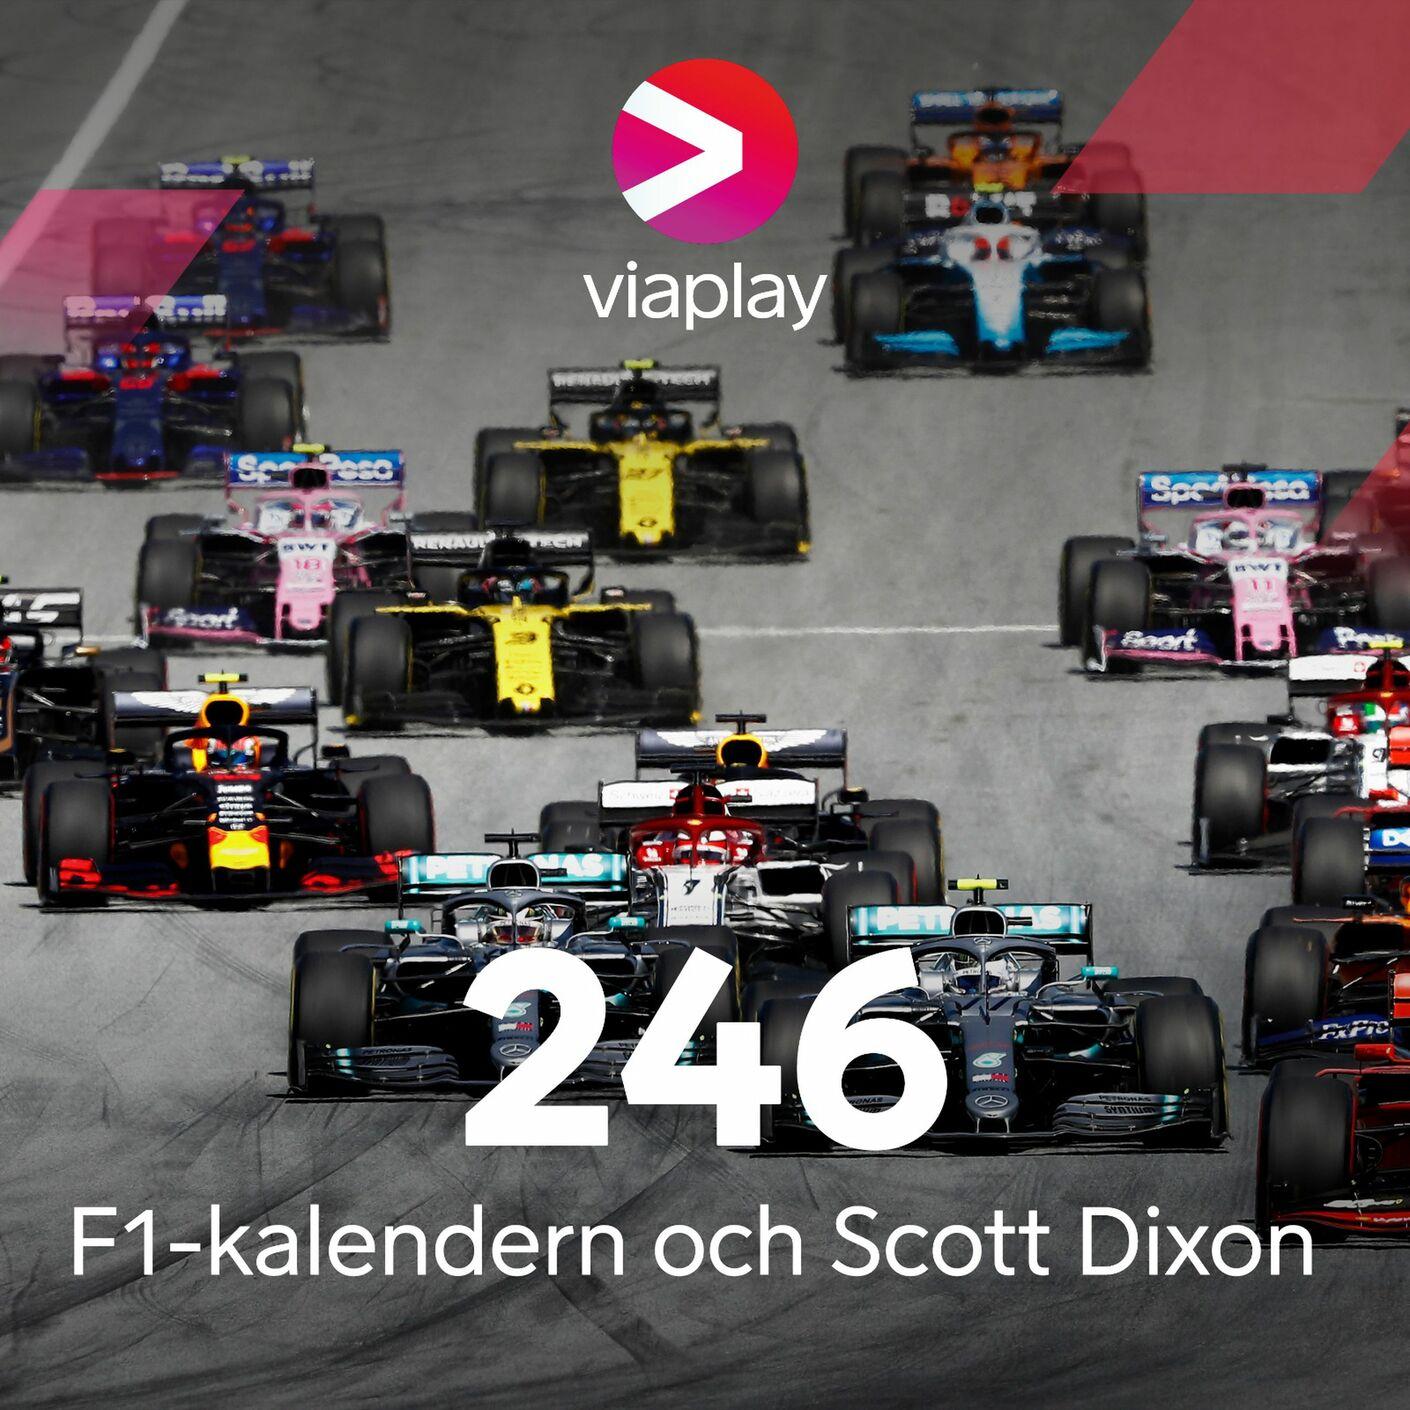 246. F1-kalendern och Scott Dixon